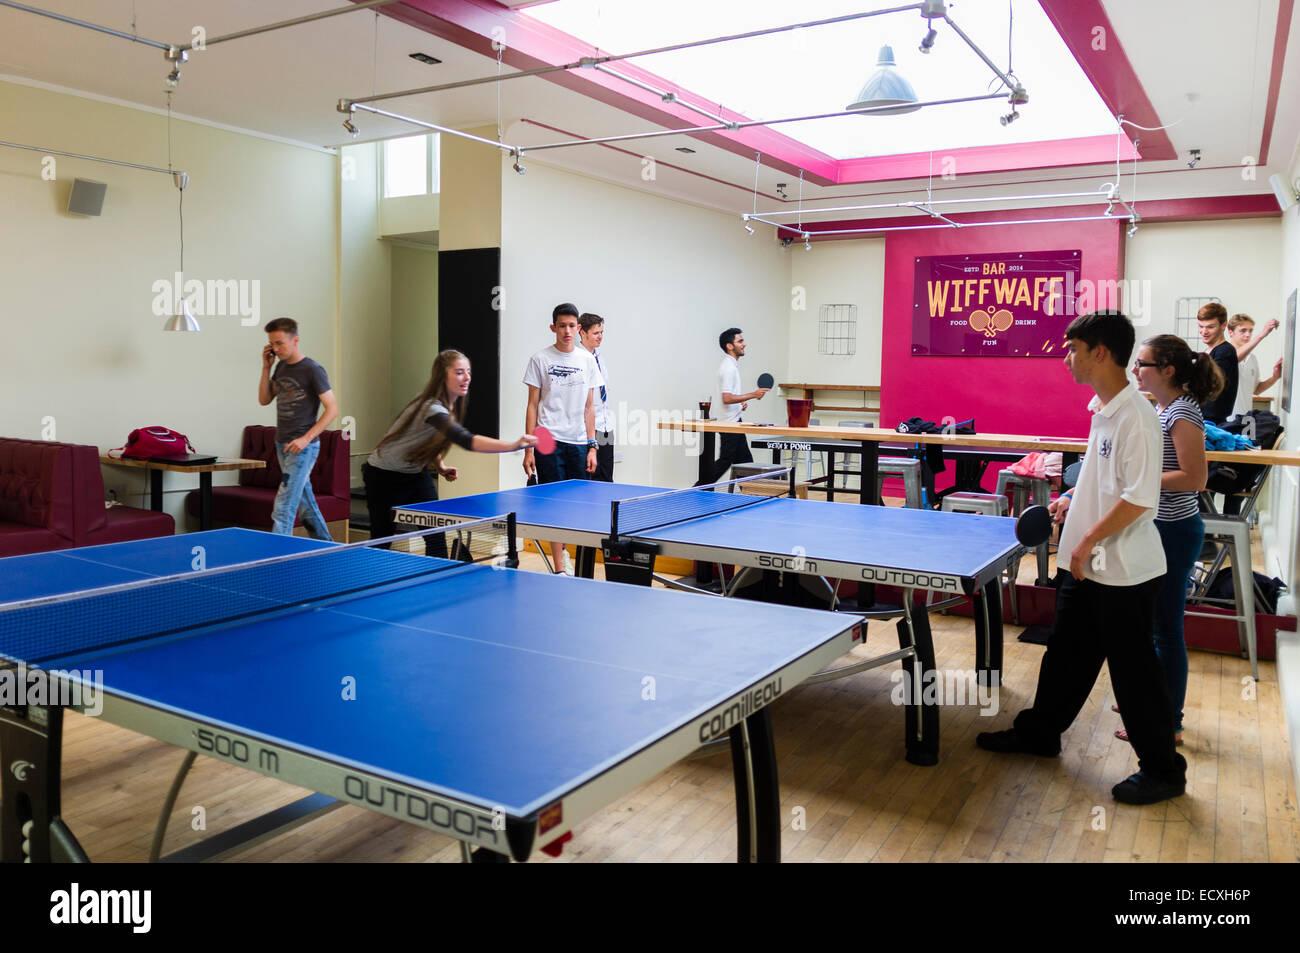 Gli adolescenti giocando a ping-pong in e dopo la scuola club presso il 'Wiff Waff Bar', un tavolo da ping Immagini Stock